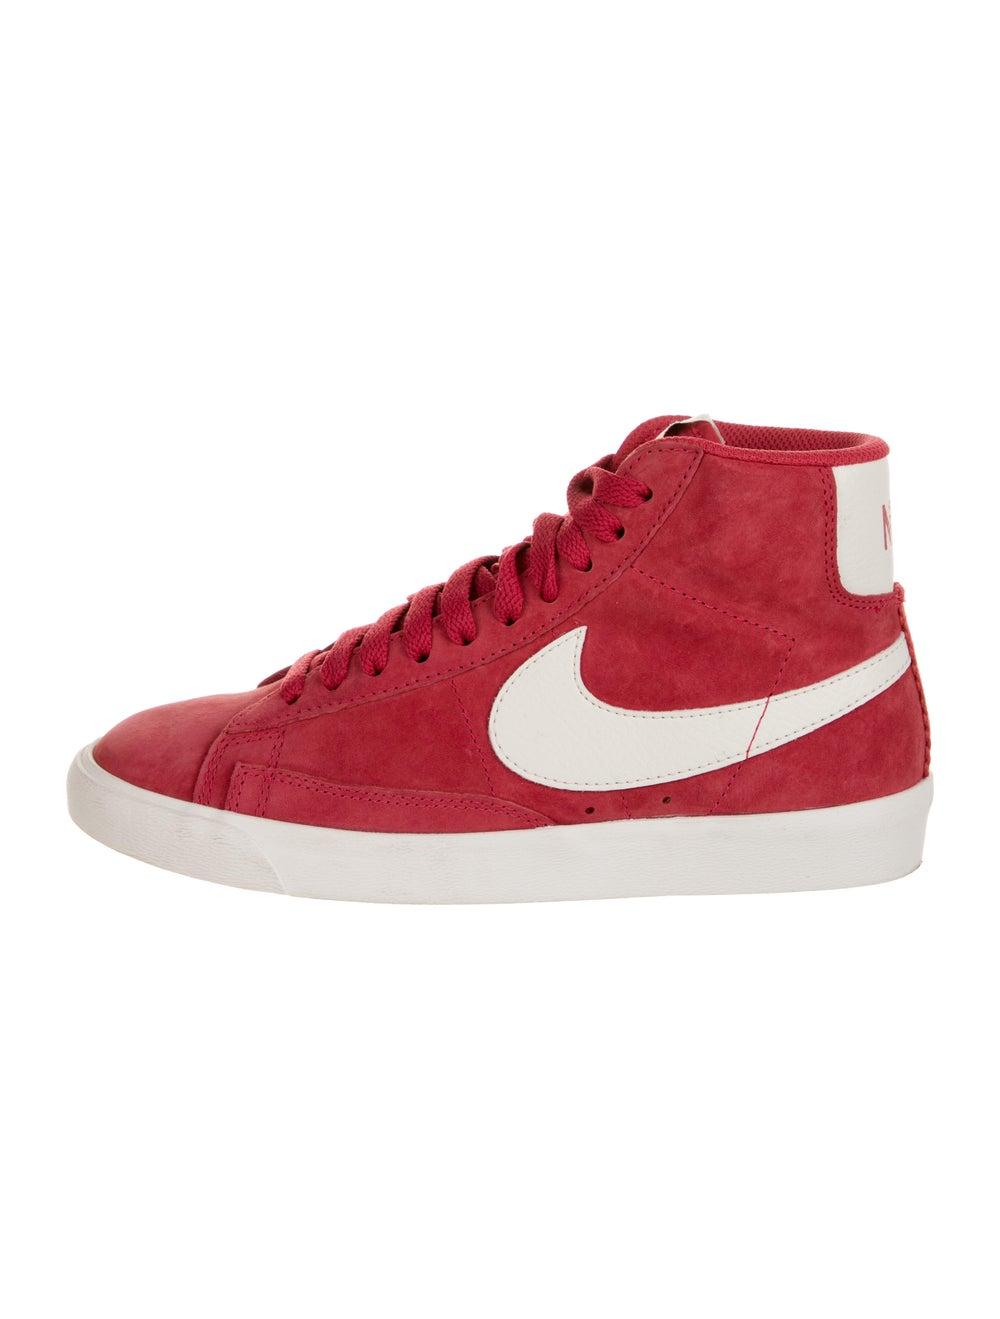 Nike Blazer Vintage Sneakers Pink - image 1